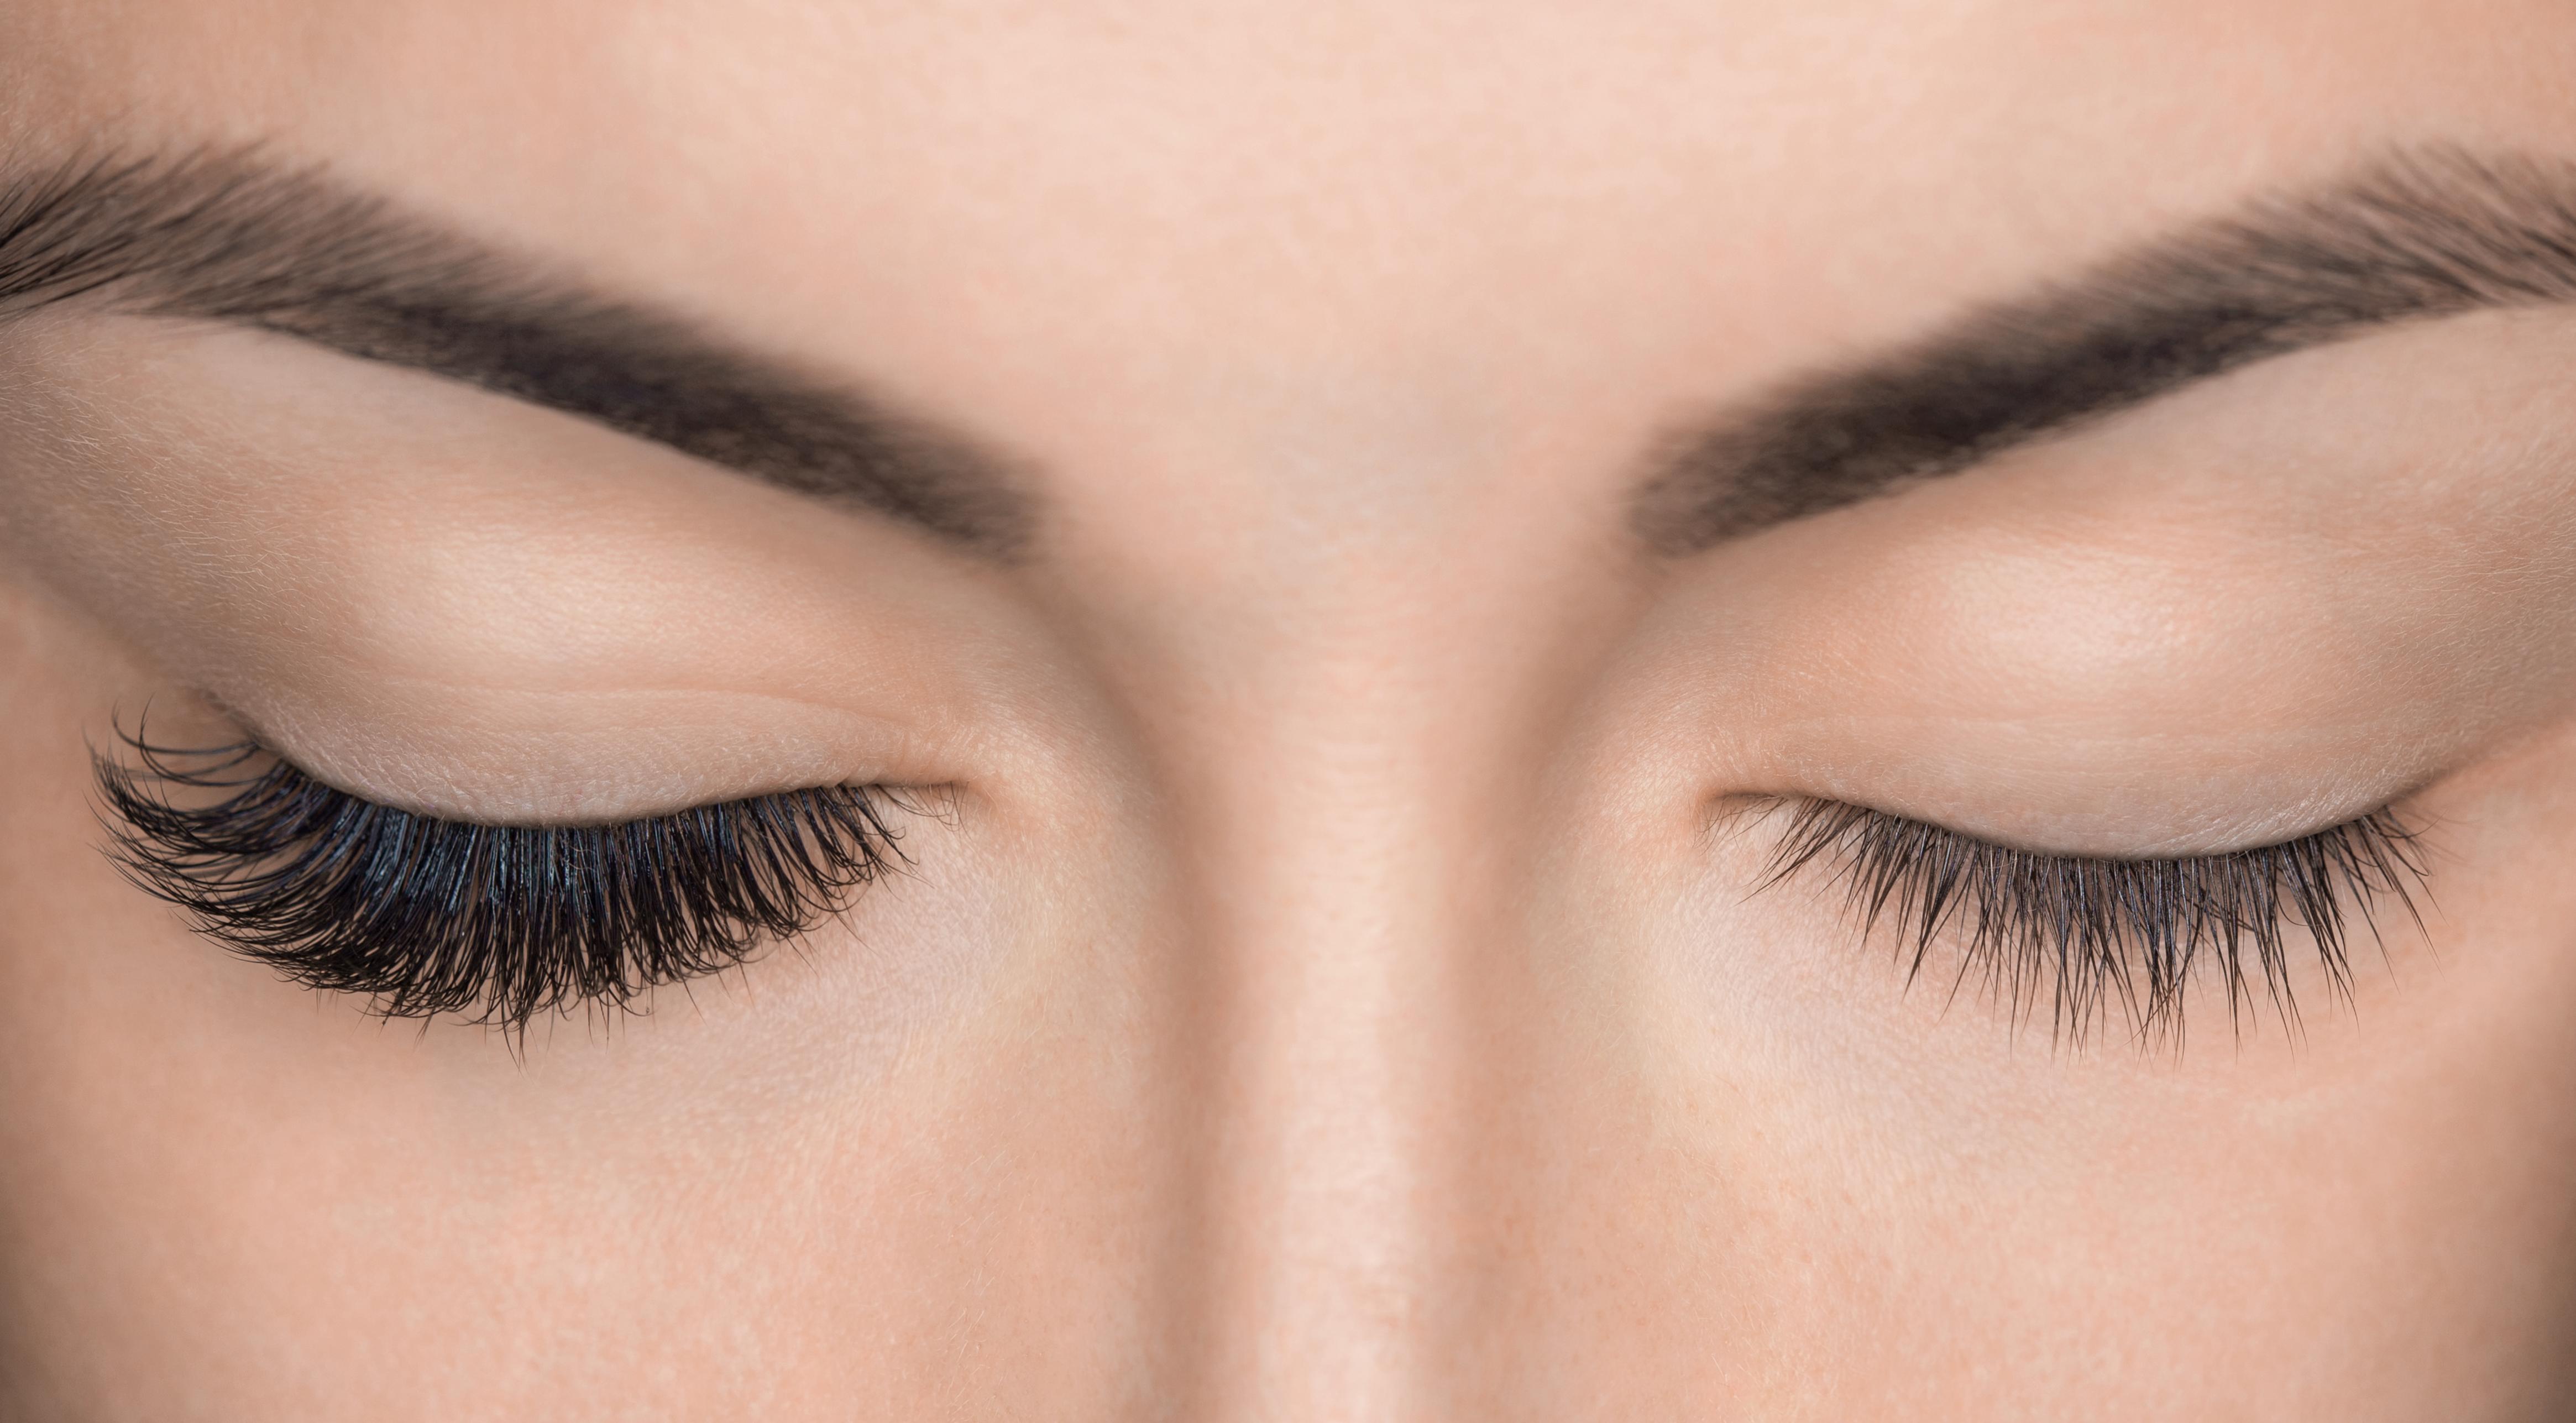 lashfriends   Eyelash Extension